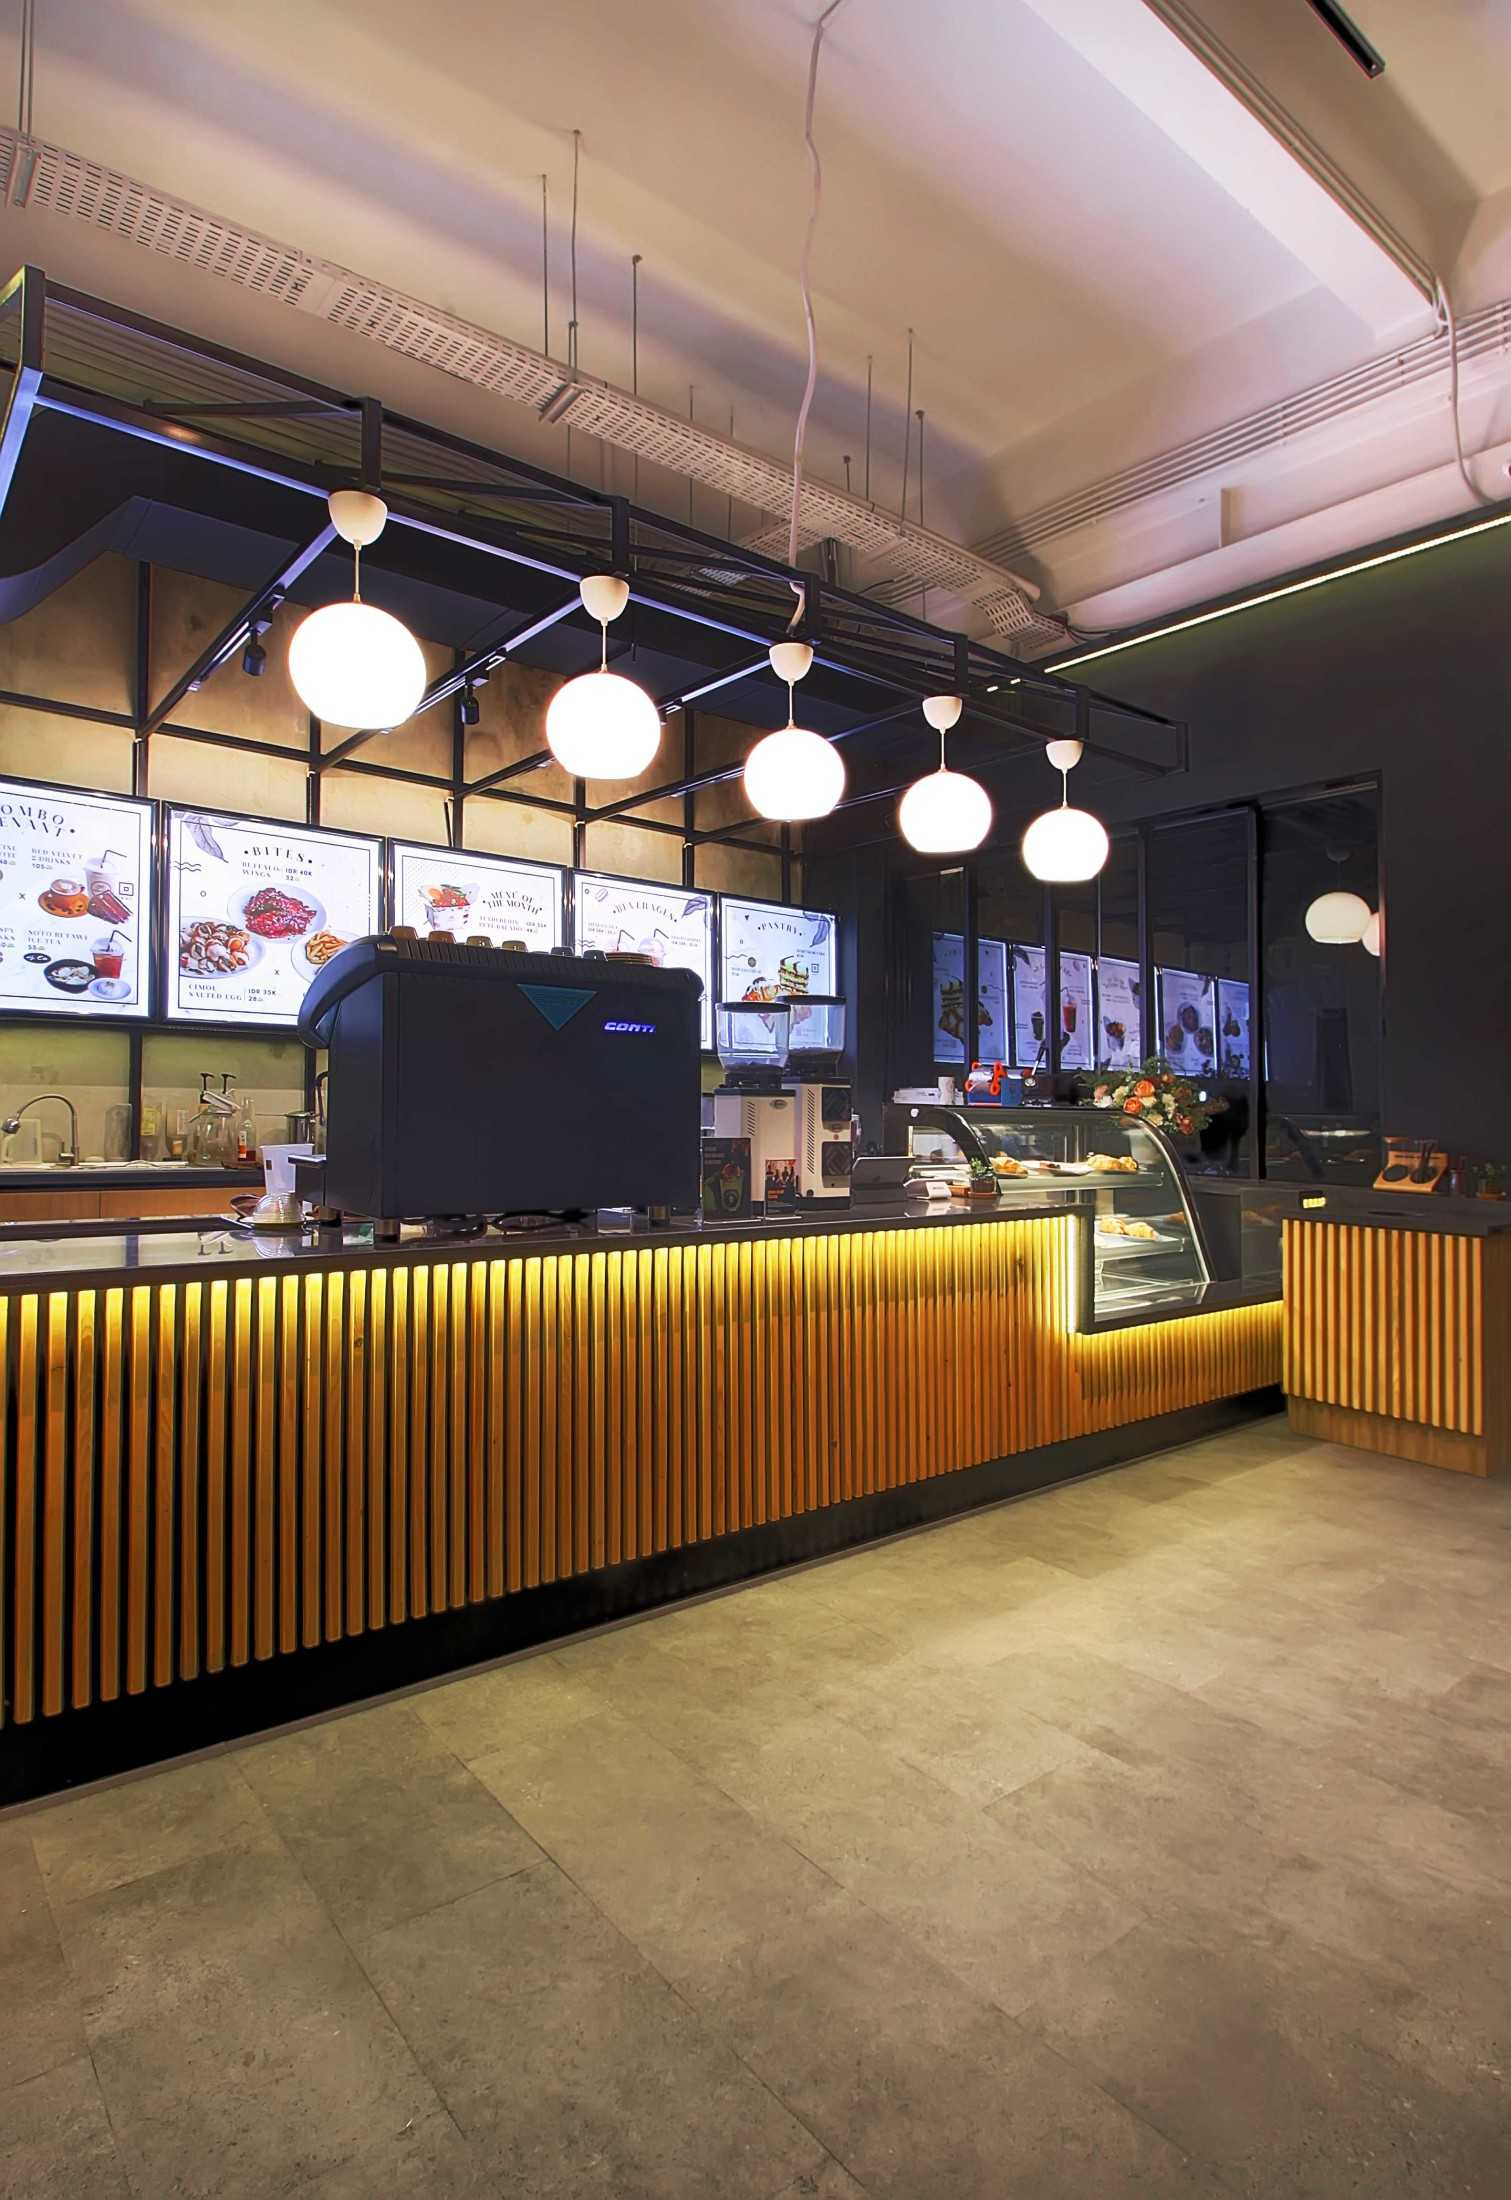 Design N Aesthetics Studio Daily Box Pluit Pluit, Penjaringan, Kota Jkt Utara, Daerah Khusus Ibukota Jakarta, Indonesia Pluit, Penjaringan, Kota Jkt Utara, Daerah Khusus Ibukota Jakarta, Indonesia Design-N-Aesthetics-Studio-Daily-Box-Pluit  66203